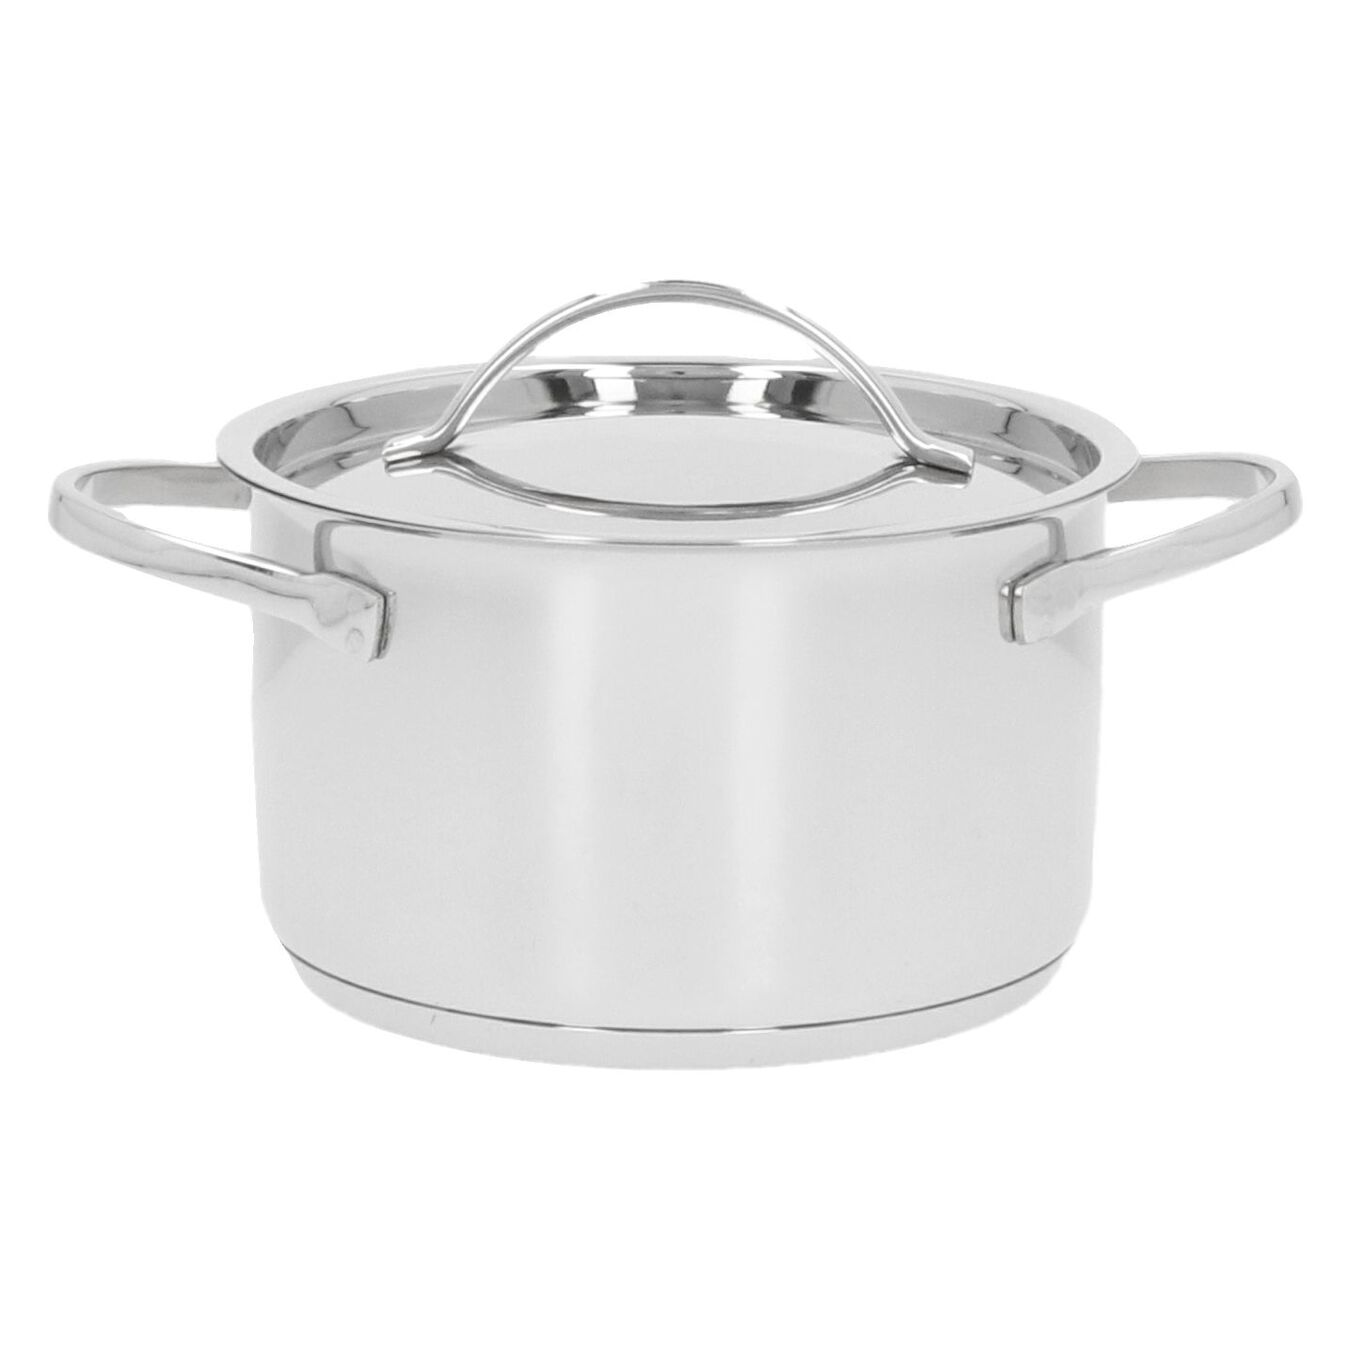 Set de casseroles, 4-pces,,large 3